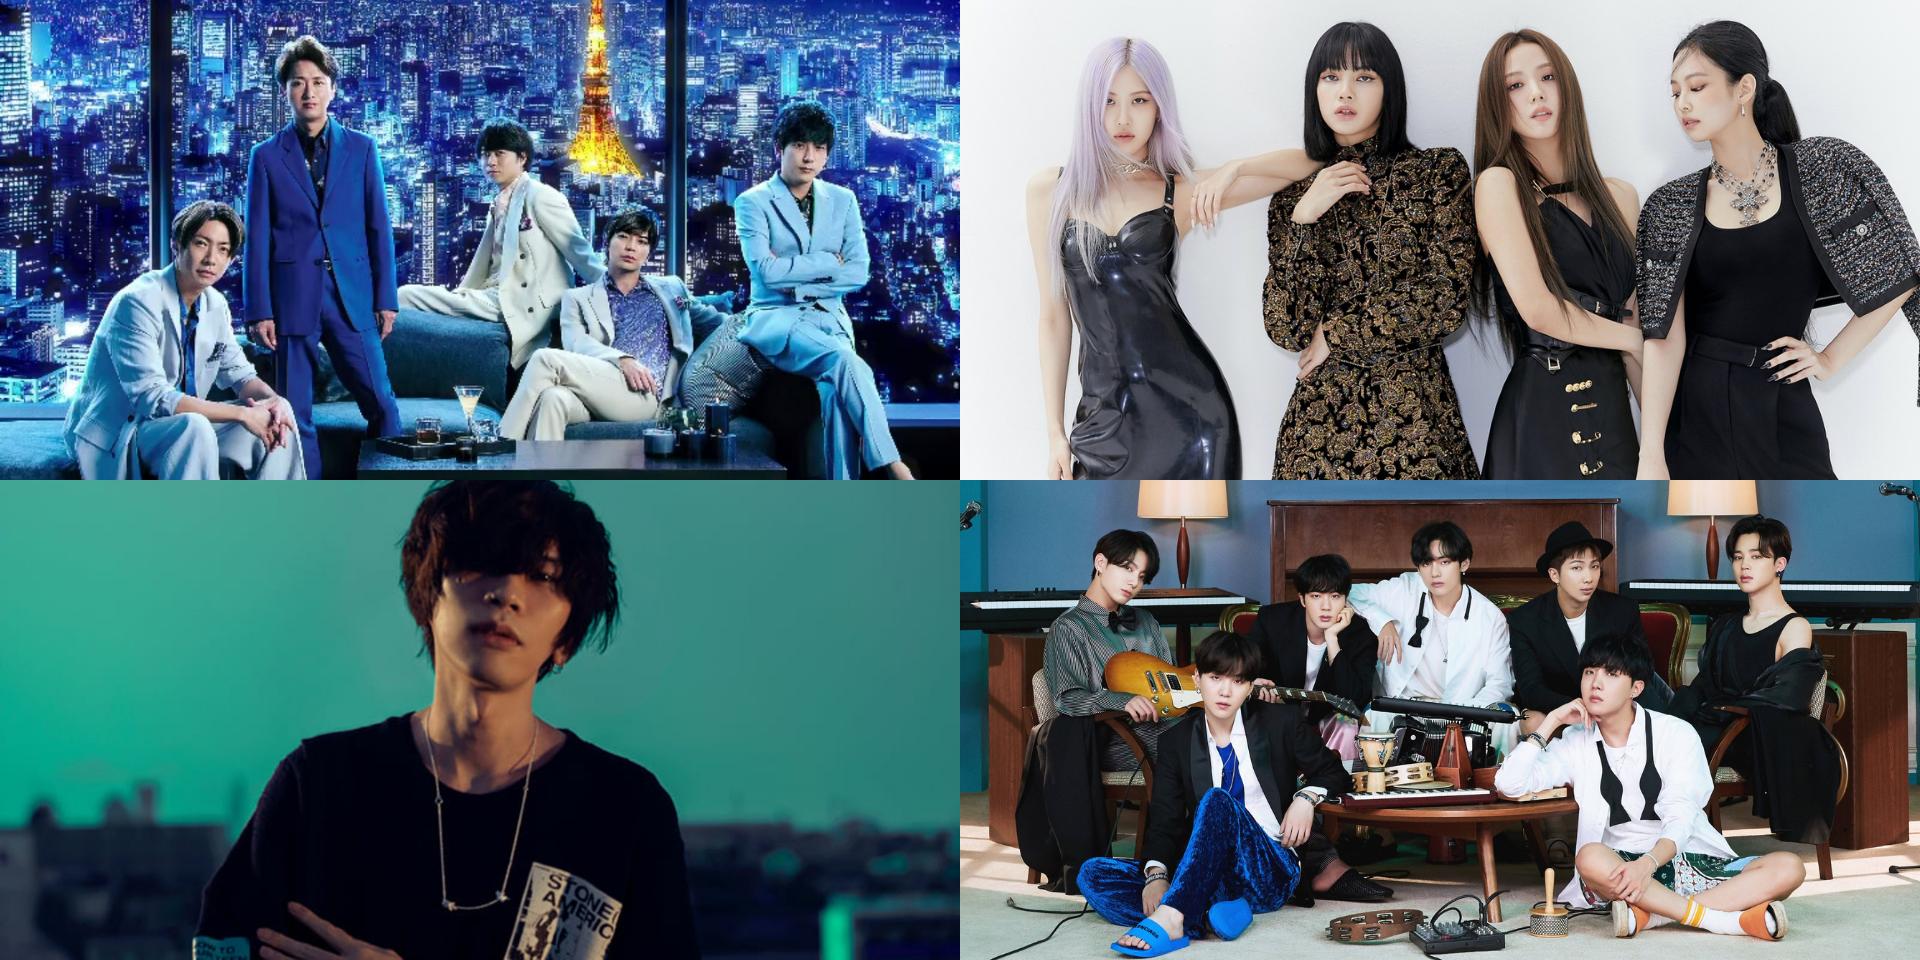 K-pop and J-pop acts top 2020 global album sales – BTS, Kenshi Yonezu, BLACKPINK, ARASHI, and more